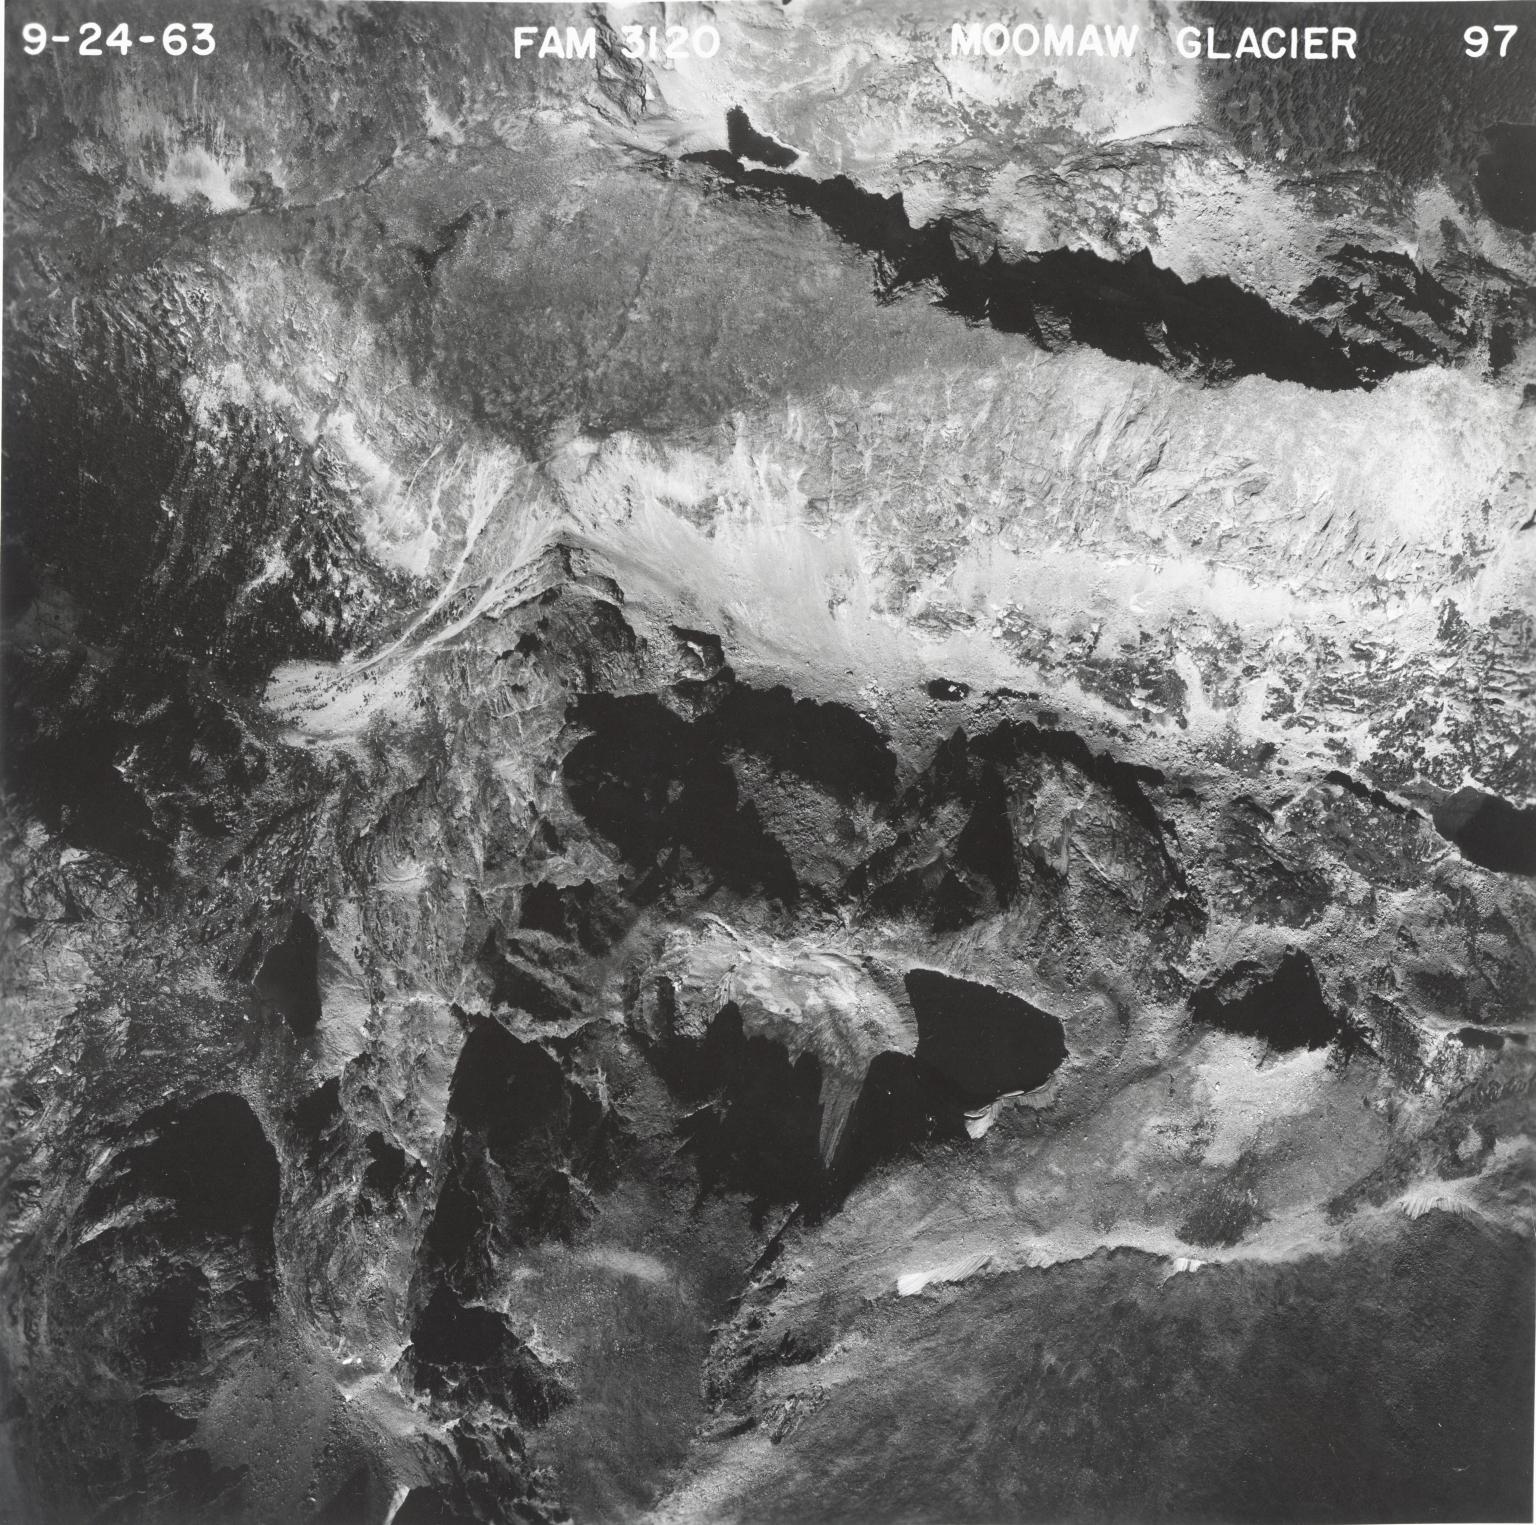 Moomaw Glacier, Colorado, United States